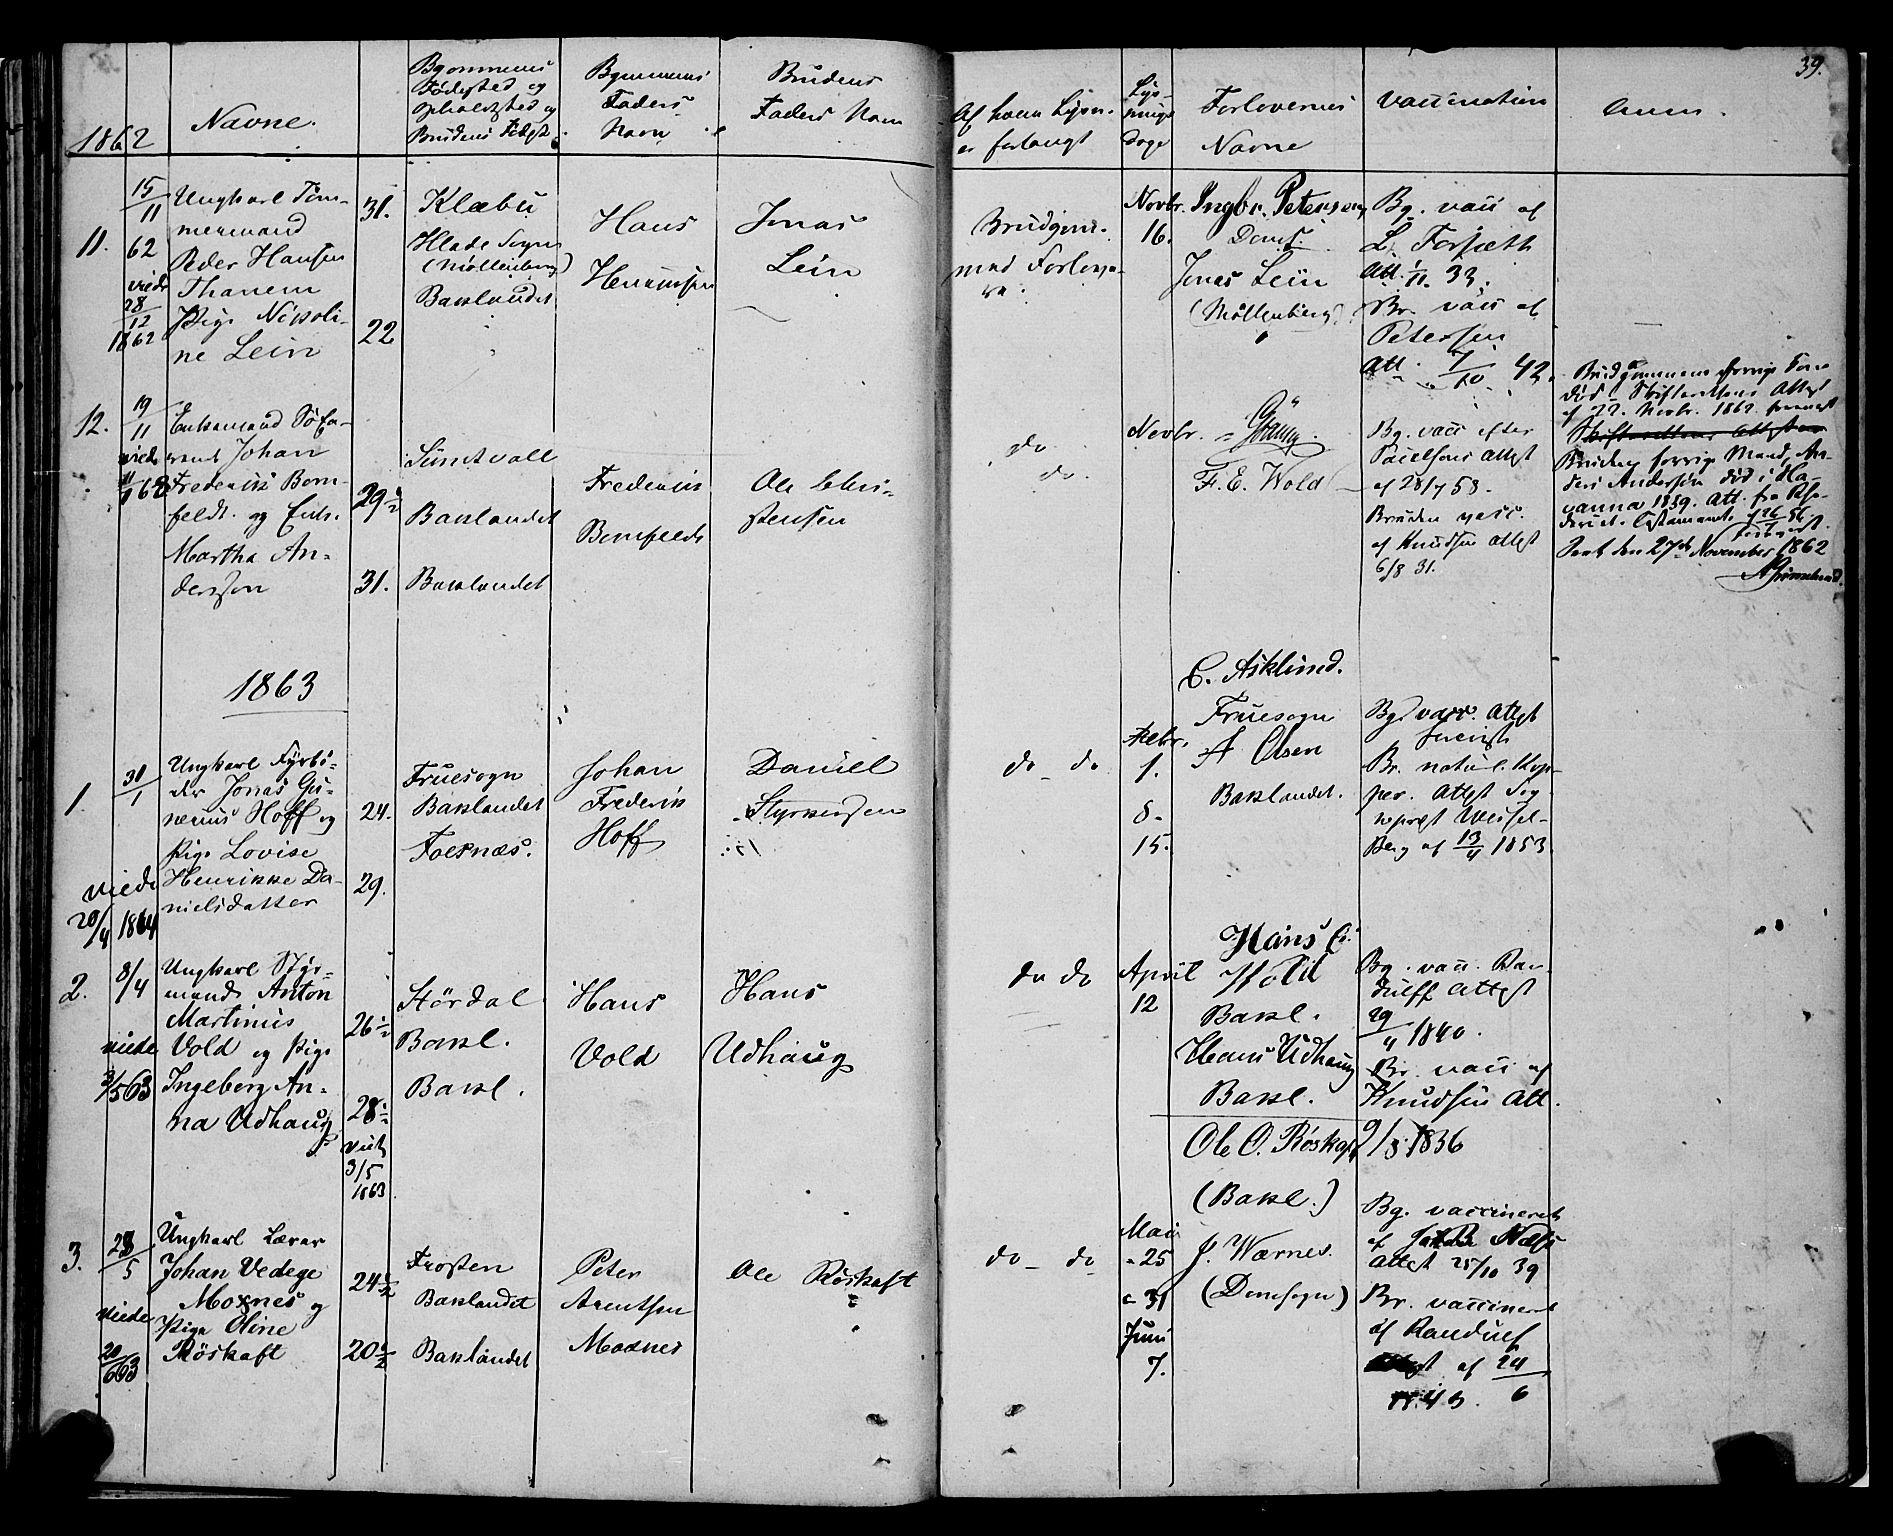 SAT, Ministerialprotokoller, klokkerbøker og fødselsregistre - Sør-Trøndelag, 604/L0187: Ministerialbok nr. 604A08, 1847-1878, s. 39